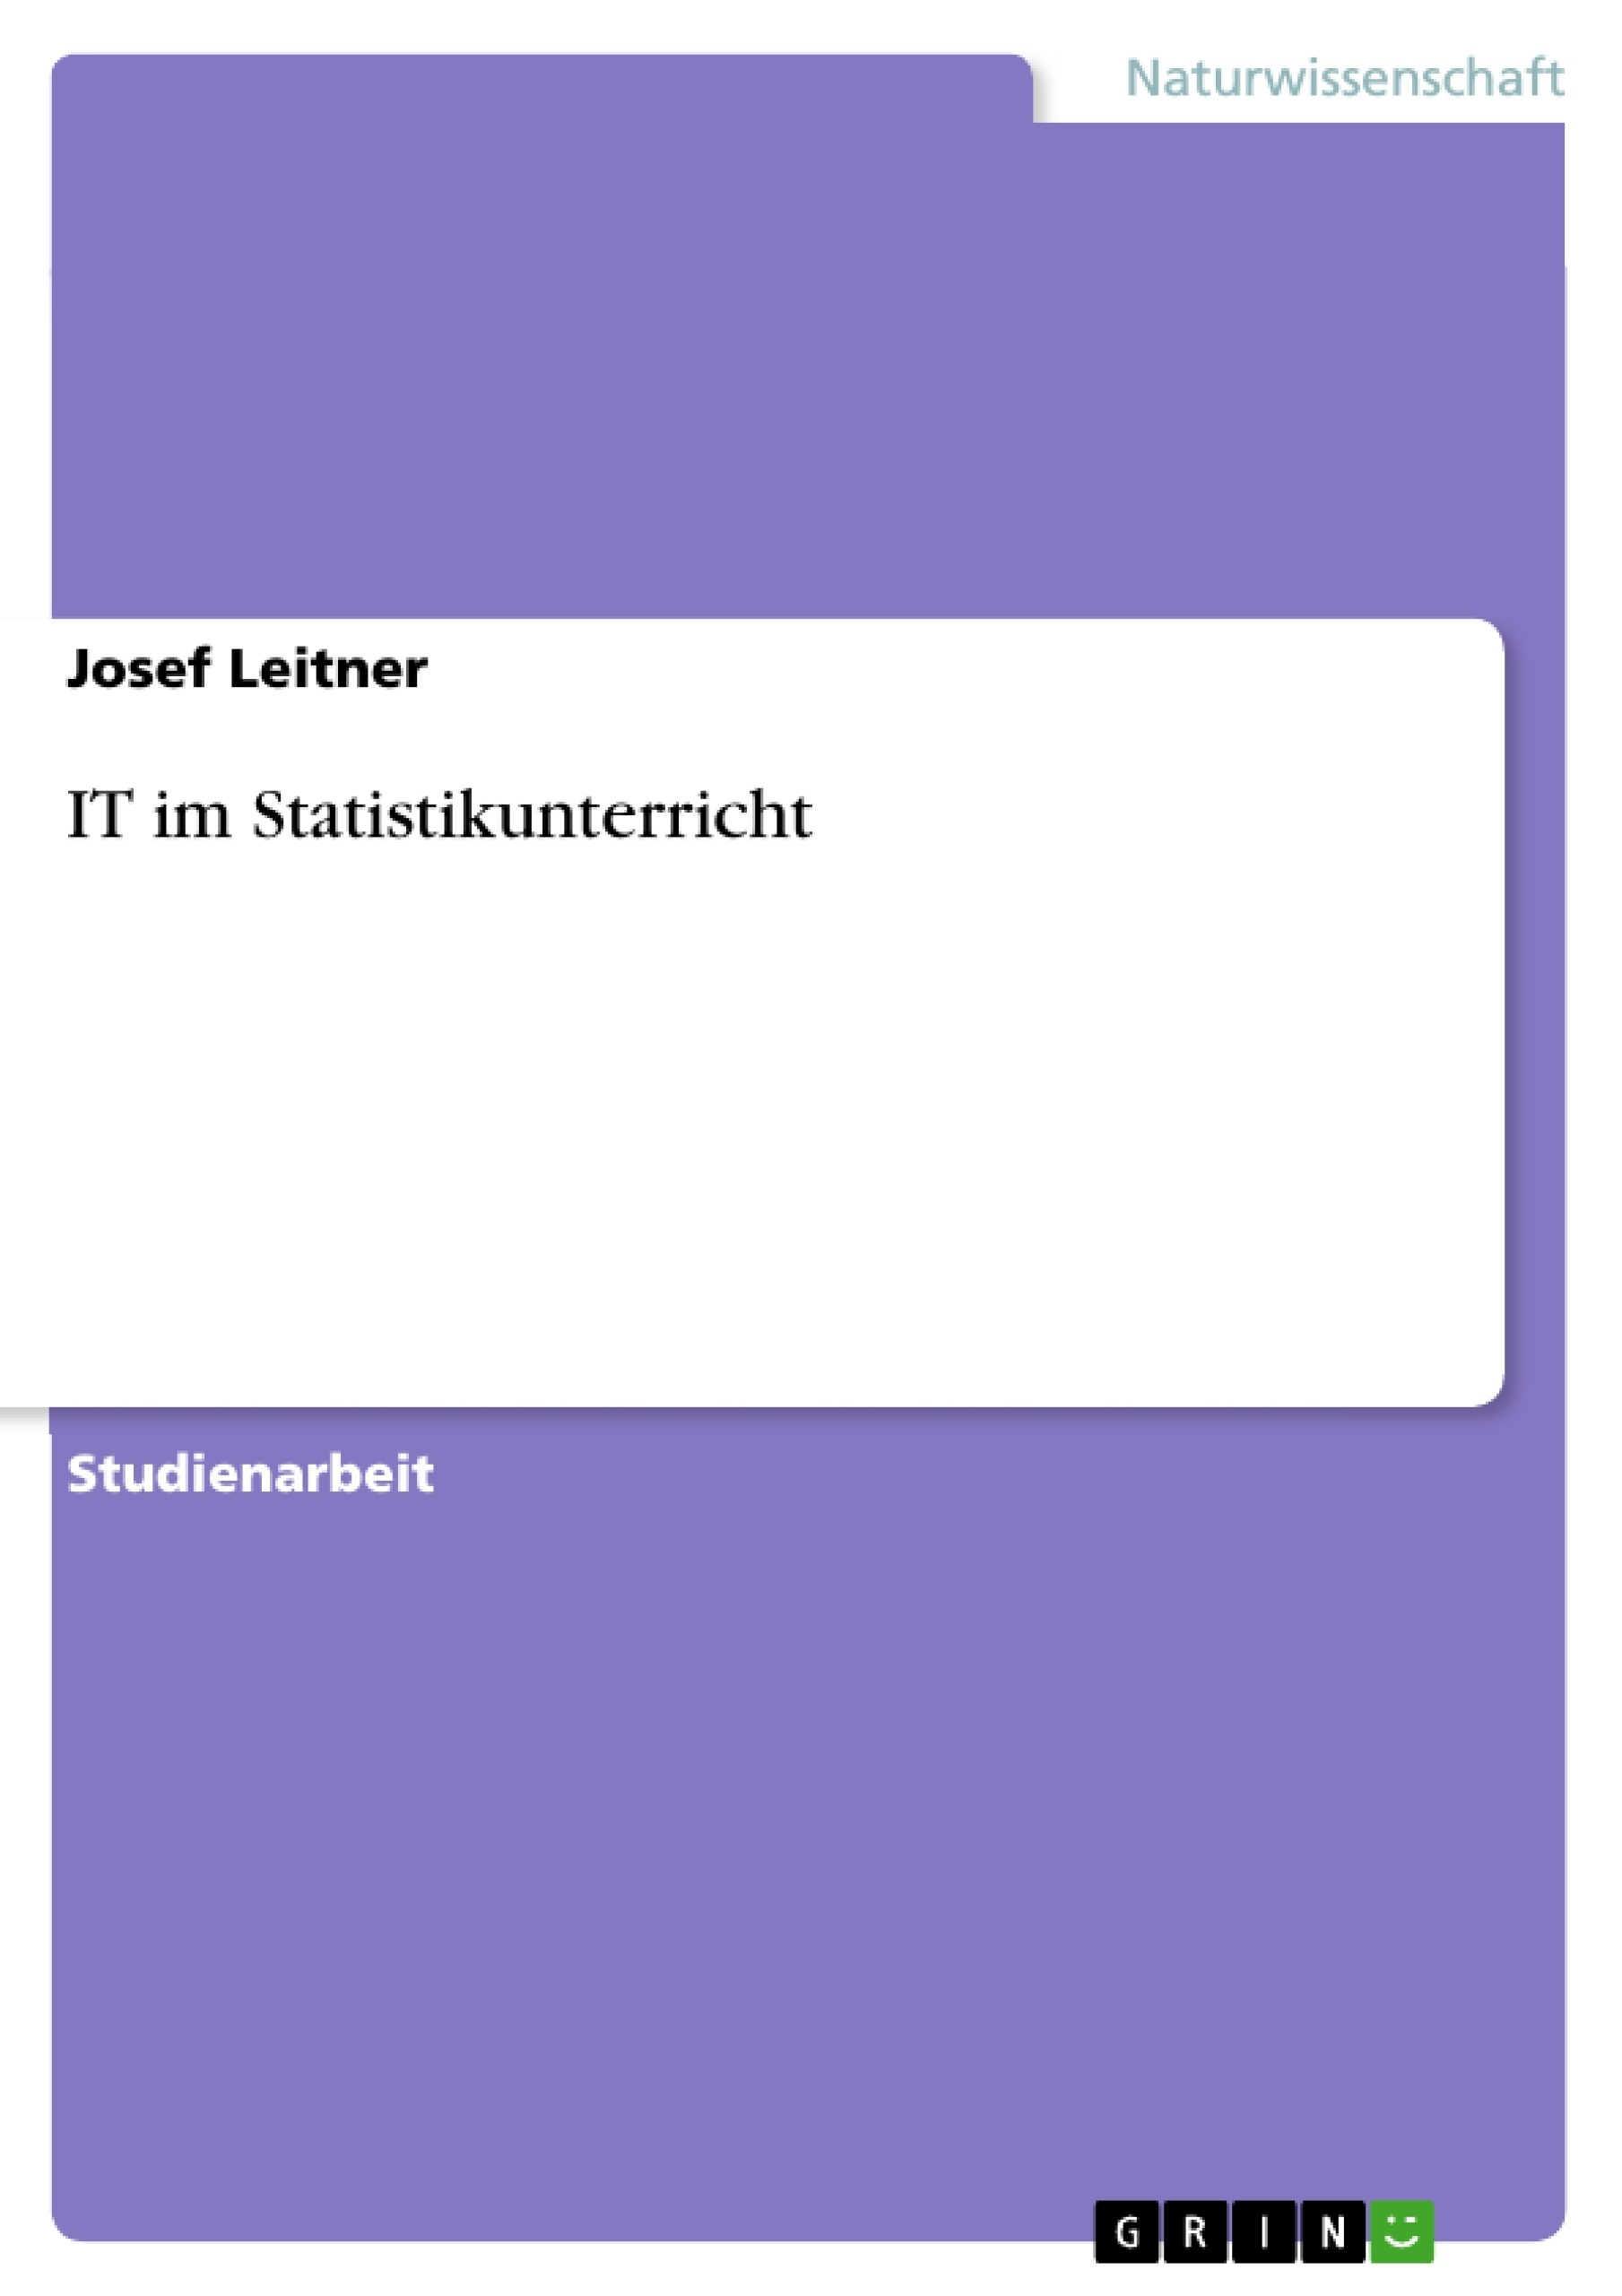 Groß Datenanalytiker Nimmt Proben Wieder Auf Zeitgenössisch ...